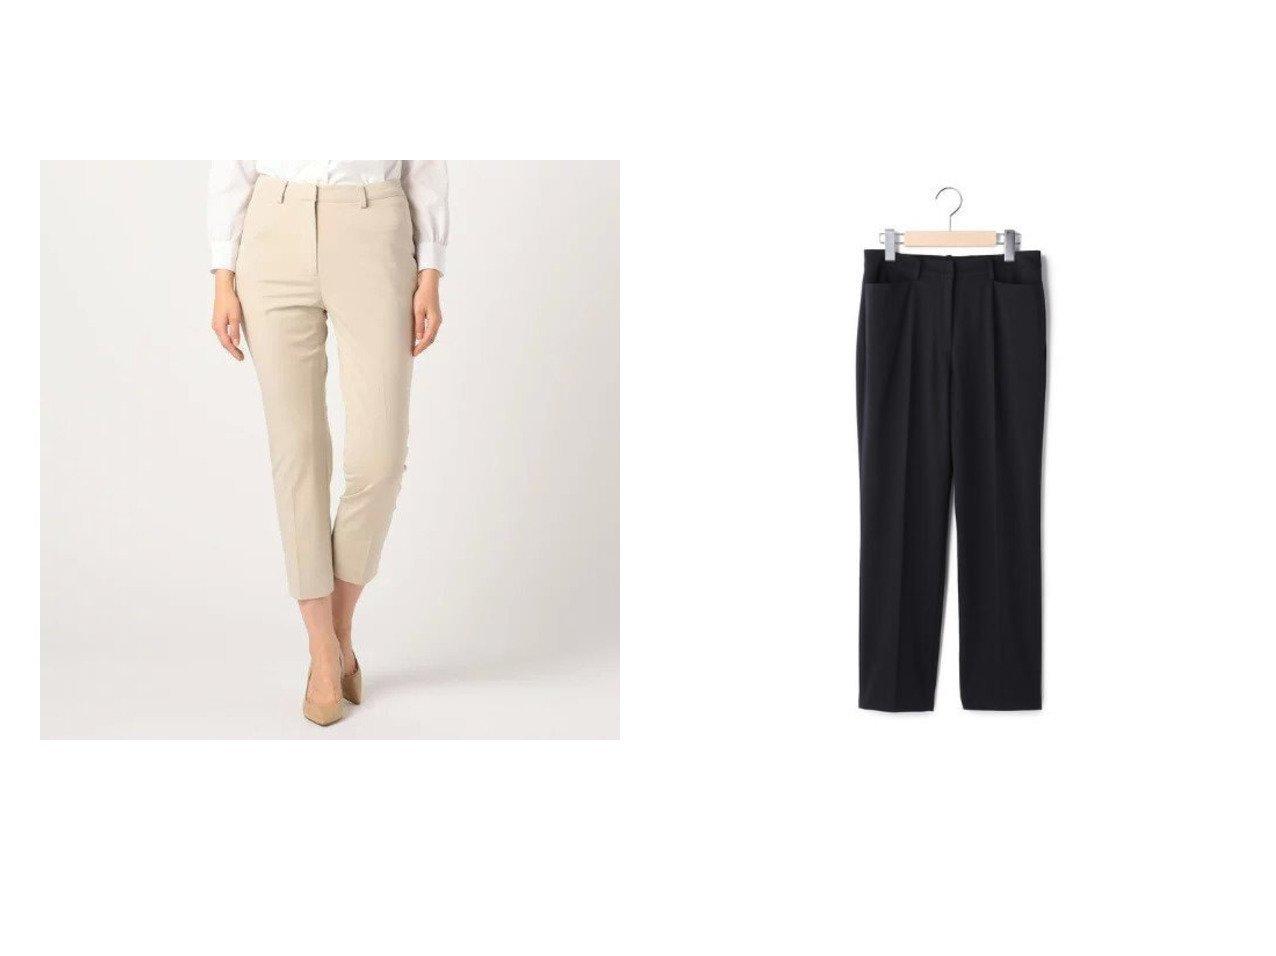 【KEITH/キース】のシルケットポンチ パンツ パンツのおすすめ!人気、トレンド・レディースファッションの通販 おすすめで人気の流行・トレンド、ファッションの通販商品 メンズファッション・キッズファッション・インテリア・家具・レディースファッション・服の通販 founy(ファニー) https://founy.com/ ファッション Fashion レディースファッション WOMEN パンツ Pants シルケット ストレッチ ストレート センター ベーシック ポケット |ID:crp329100000022458